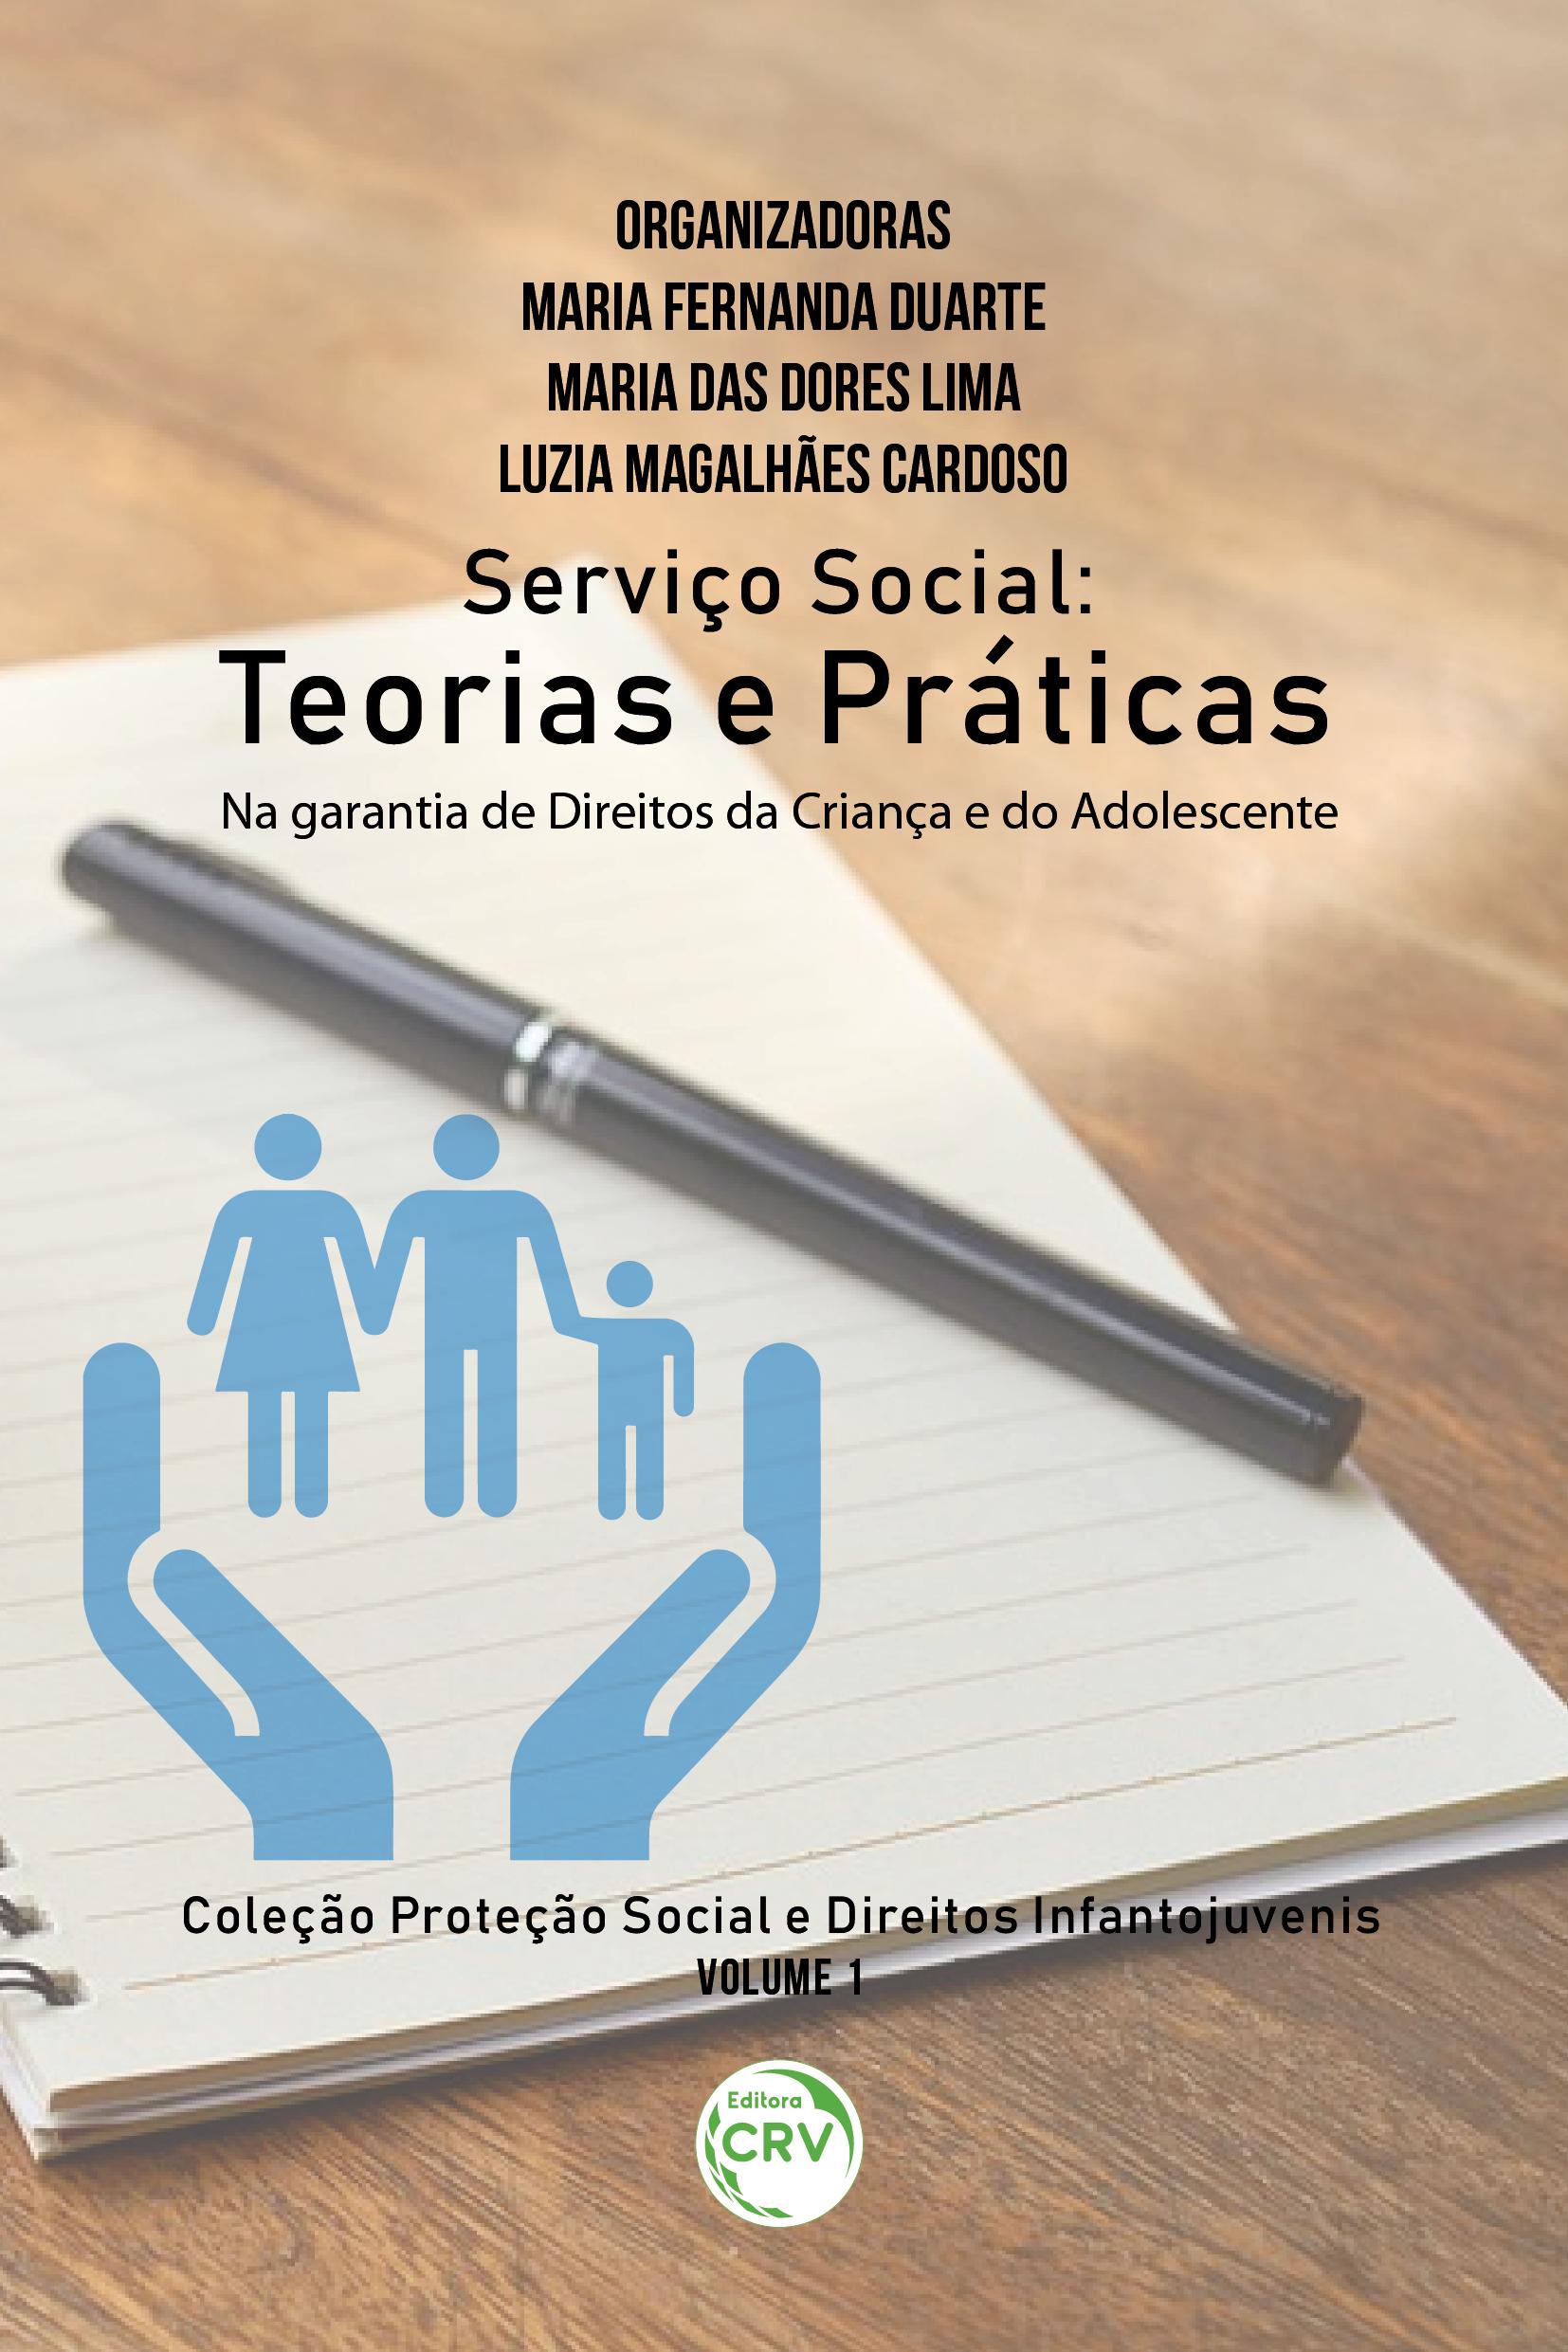 Capa do livro: SERVIÇO SOCIAL: <br>teorias e práticas na garantia de direitos da criança e do adolescente <br>Coleção Proteção social e direitos infantojuvenis Volume 1